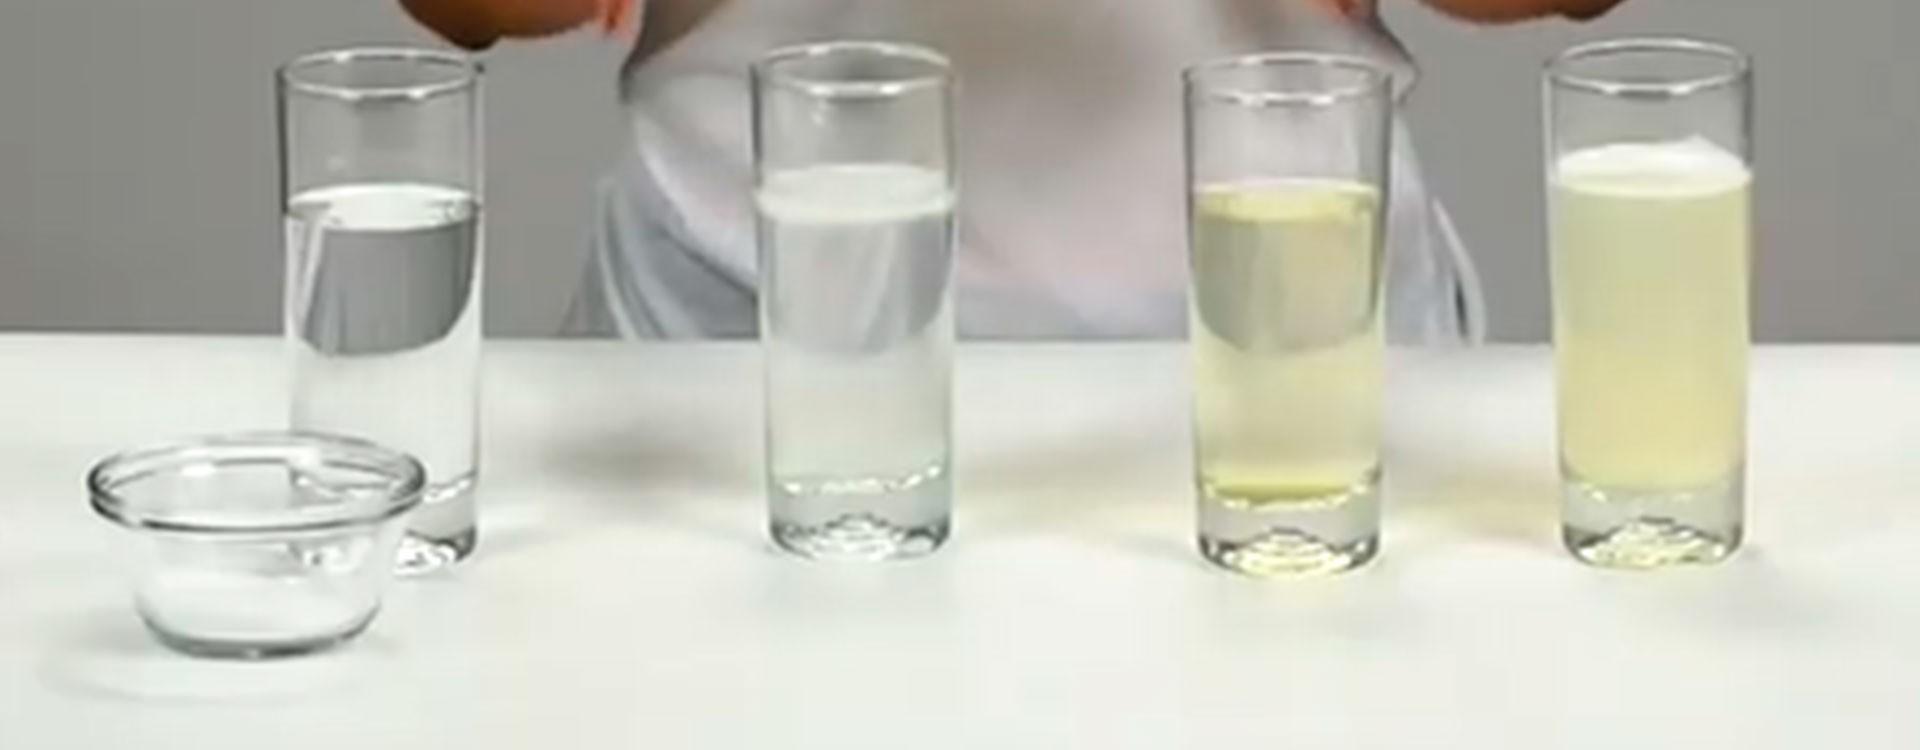 ¿Cómo elegir el mejor colágeno hidrolizado?